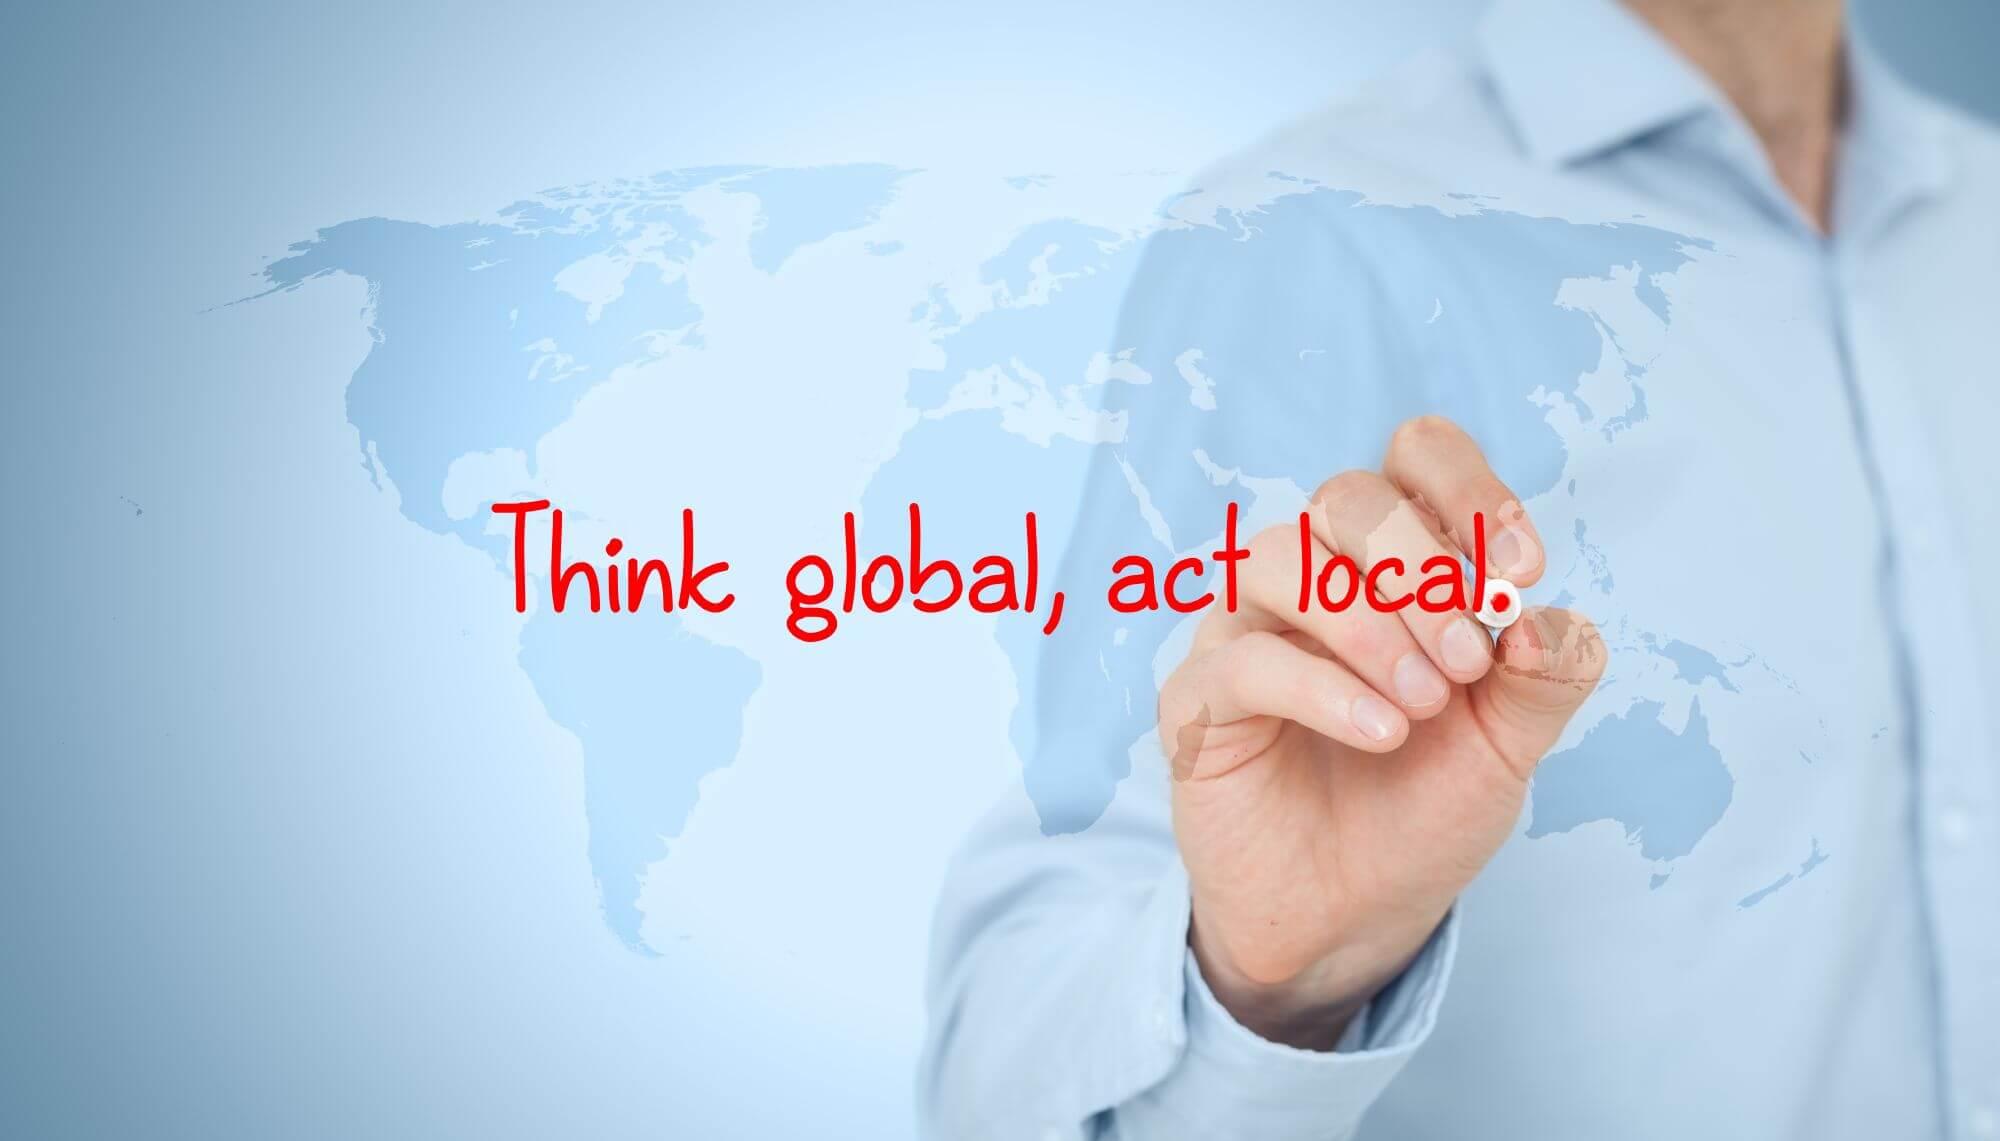 שלט: לחשוב גלובלי - להתמקד בלוקאלי